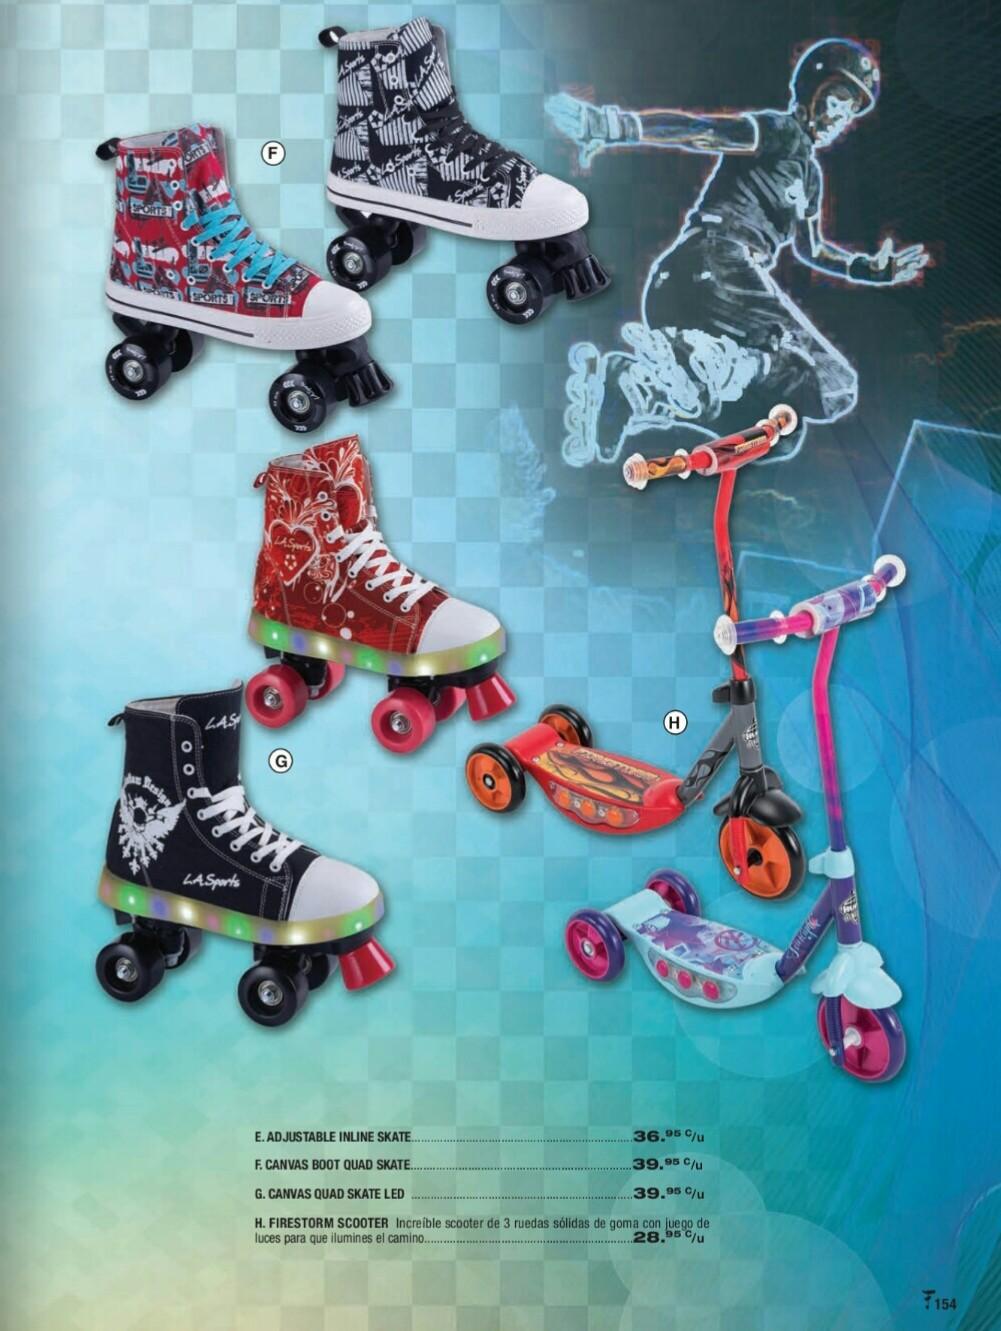 Catalogo juguetes Felix B Maduro 2018 p154